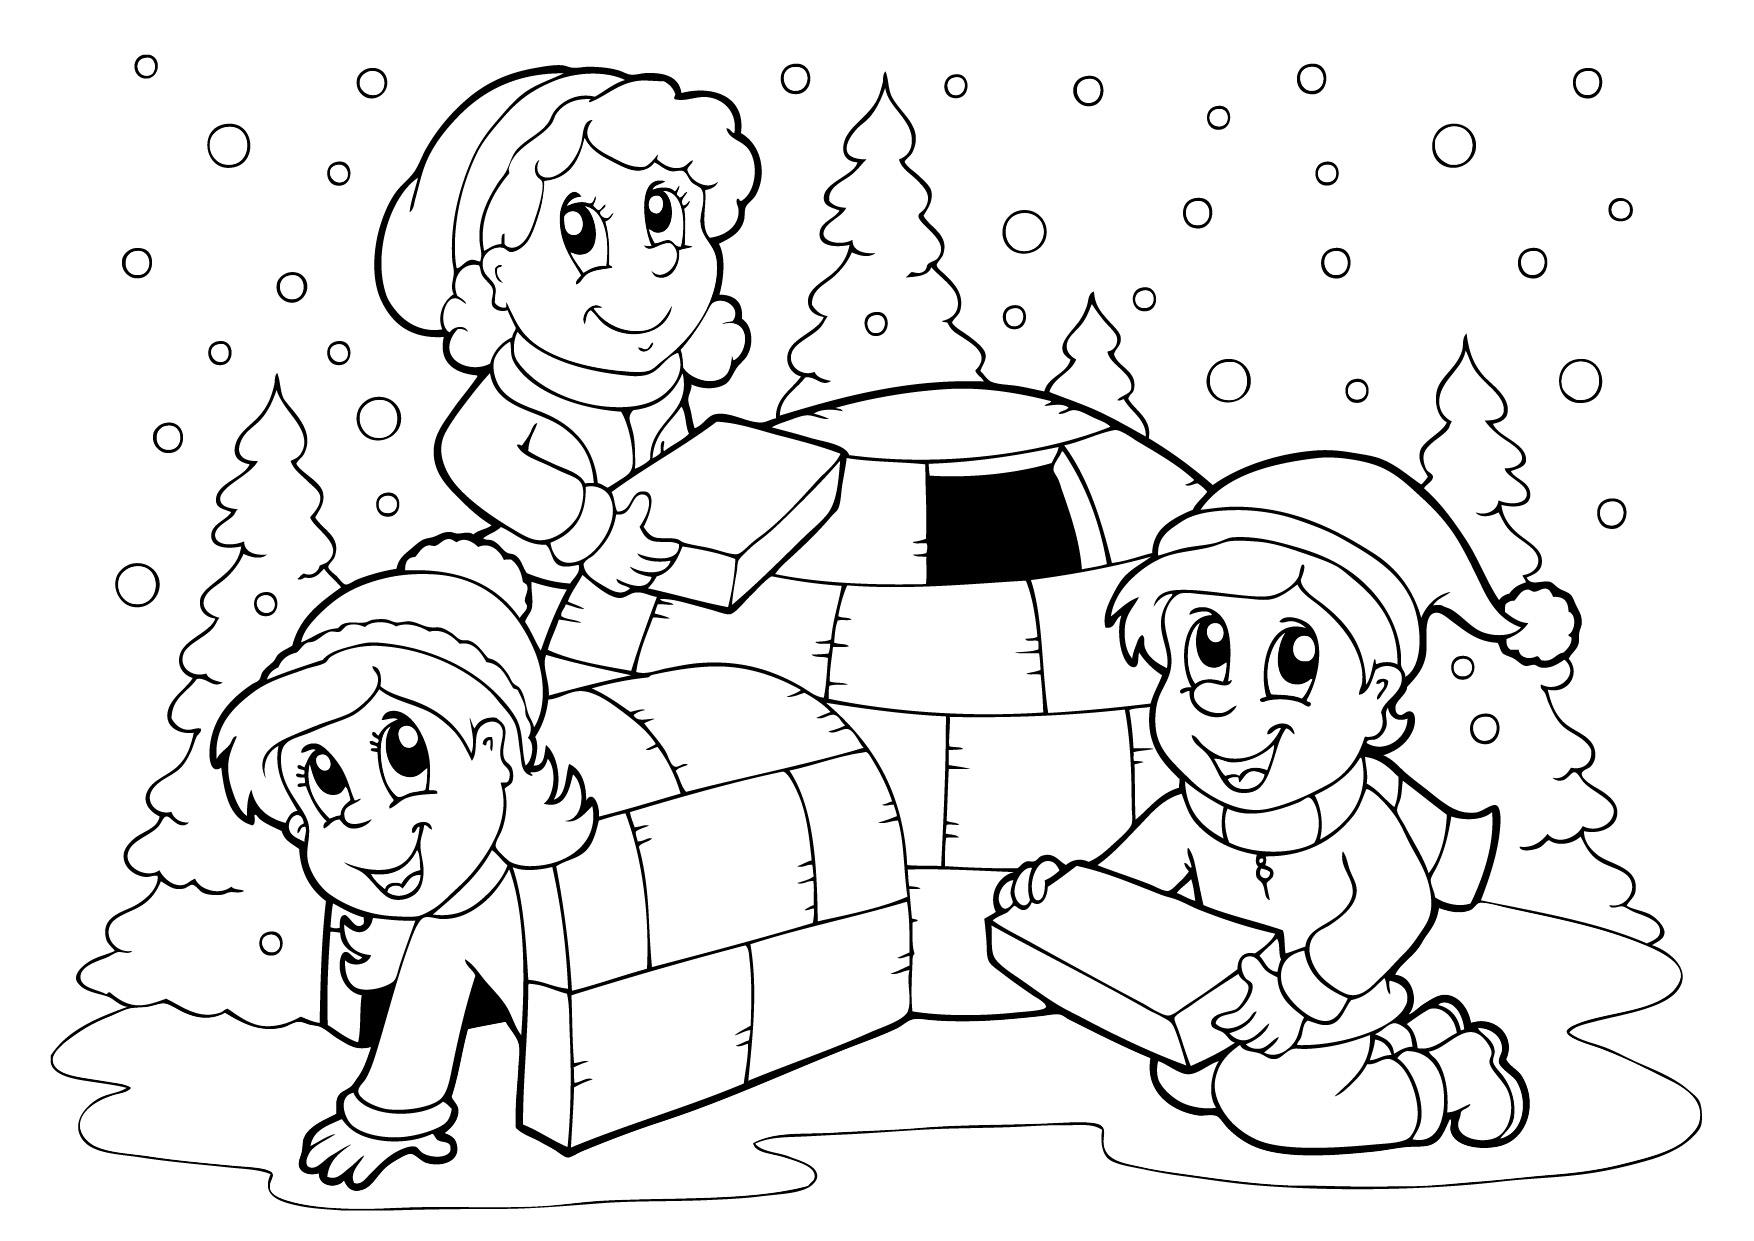 интересные детские раскраски на тему зима дети строят